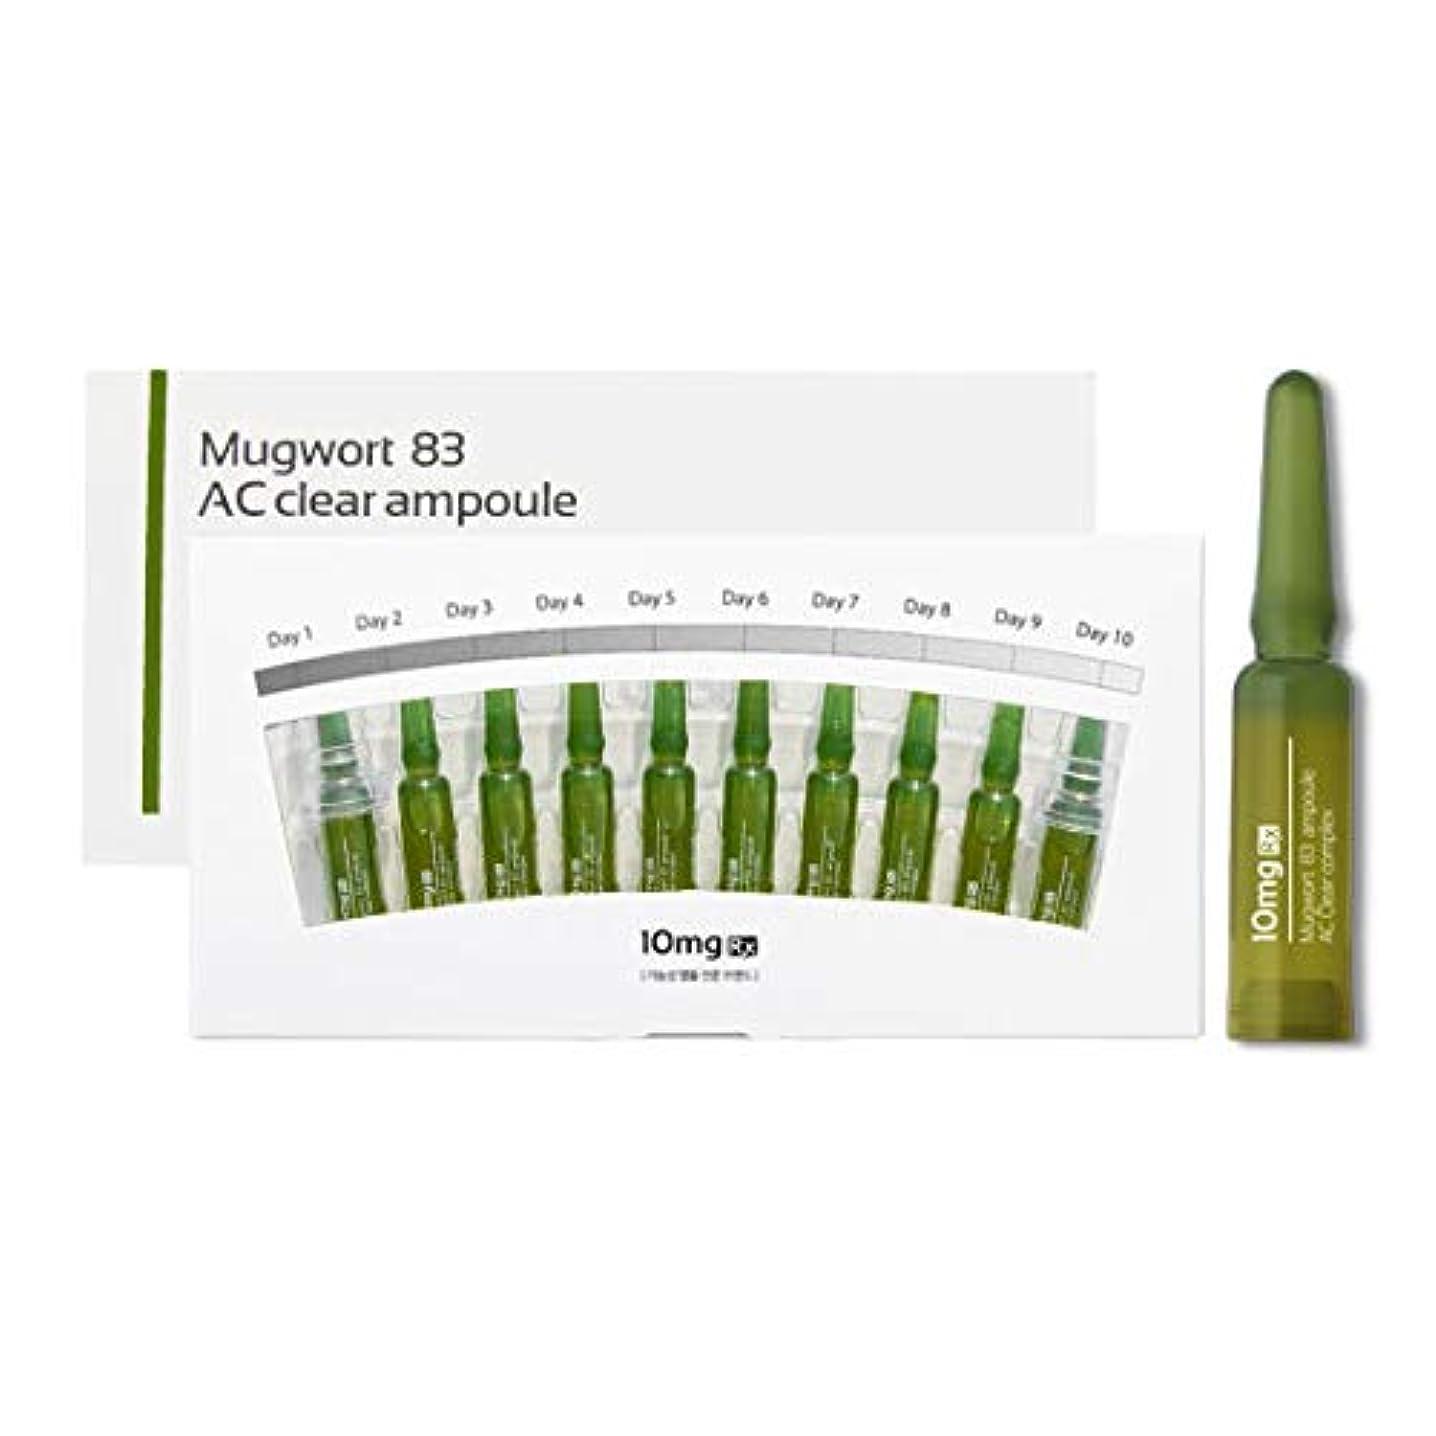 忠実質量細菌AIDA 10mgRx マグワート83 ACクリアアンプル 2mlx10ea (皮脂コントロール、傷みにくい)/ Mugwort 83 AC Clear Ampoule